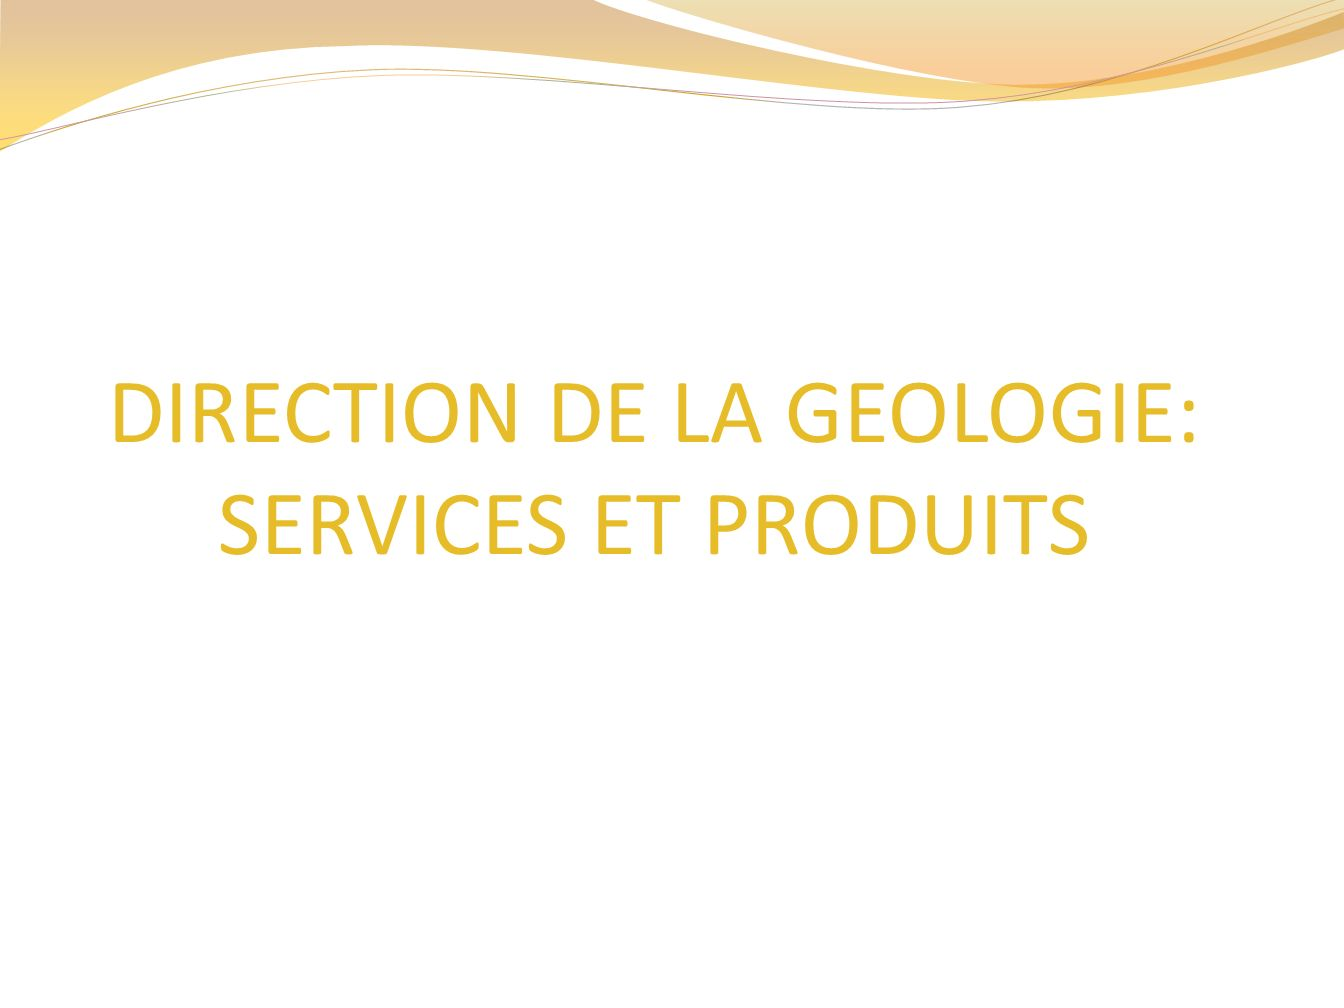 DIRECTION DE LA GEOLOGIE: SERVICES ET PRODUITS